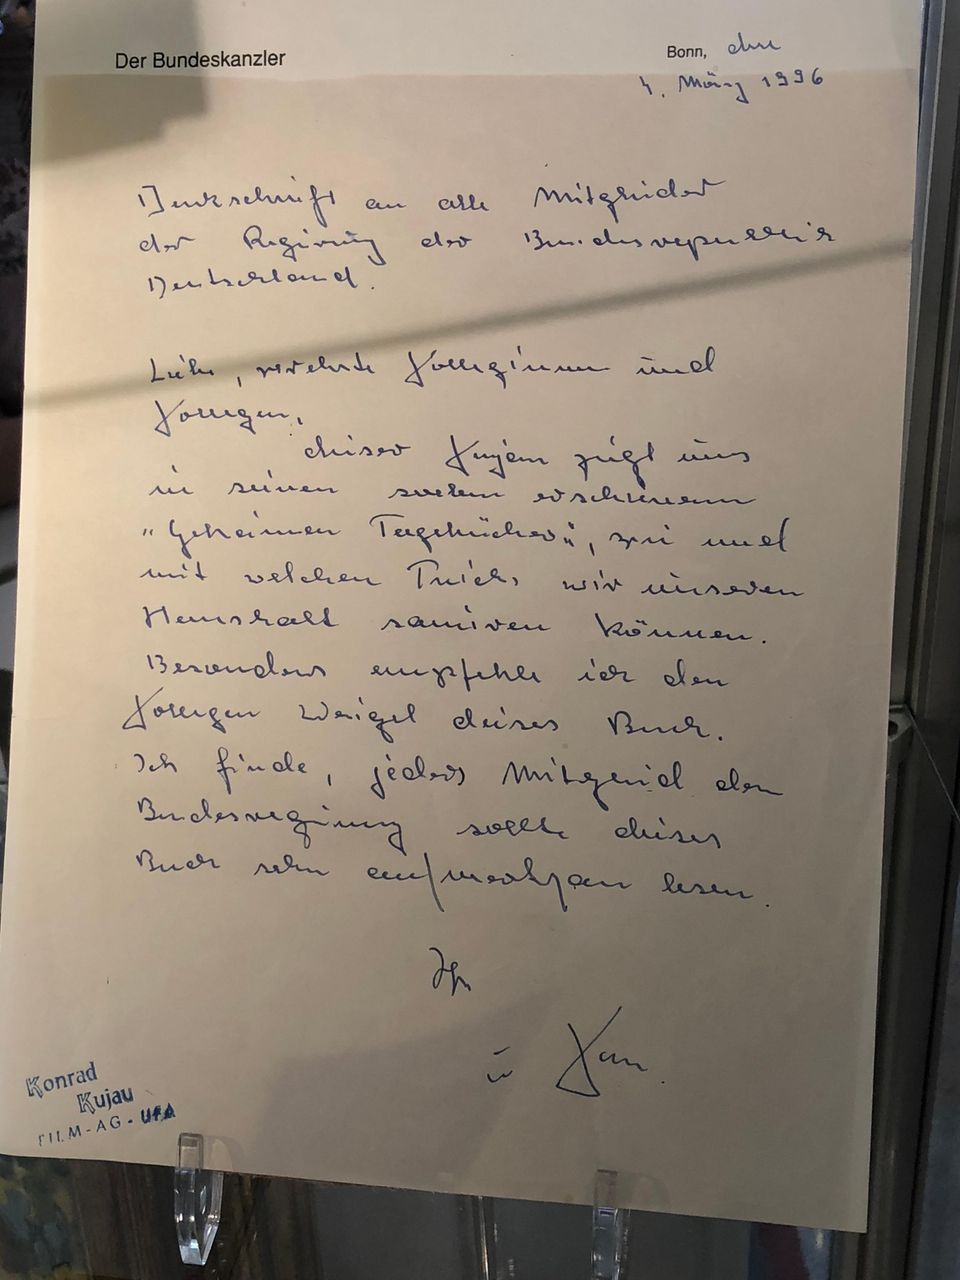 Gefälschter Brief von Helmut Kohl